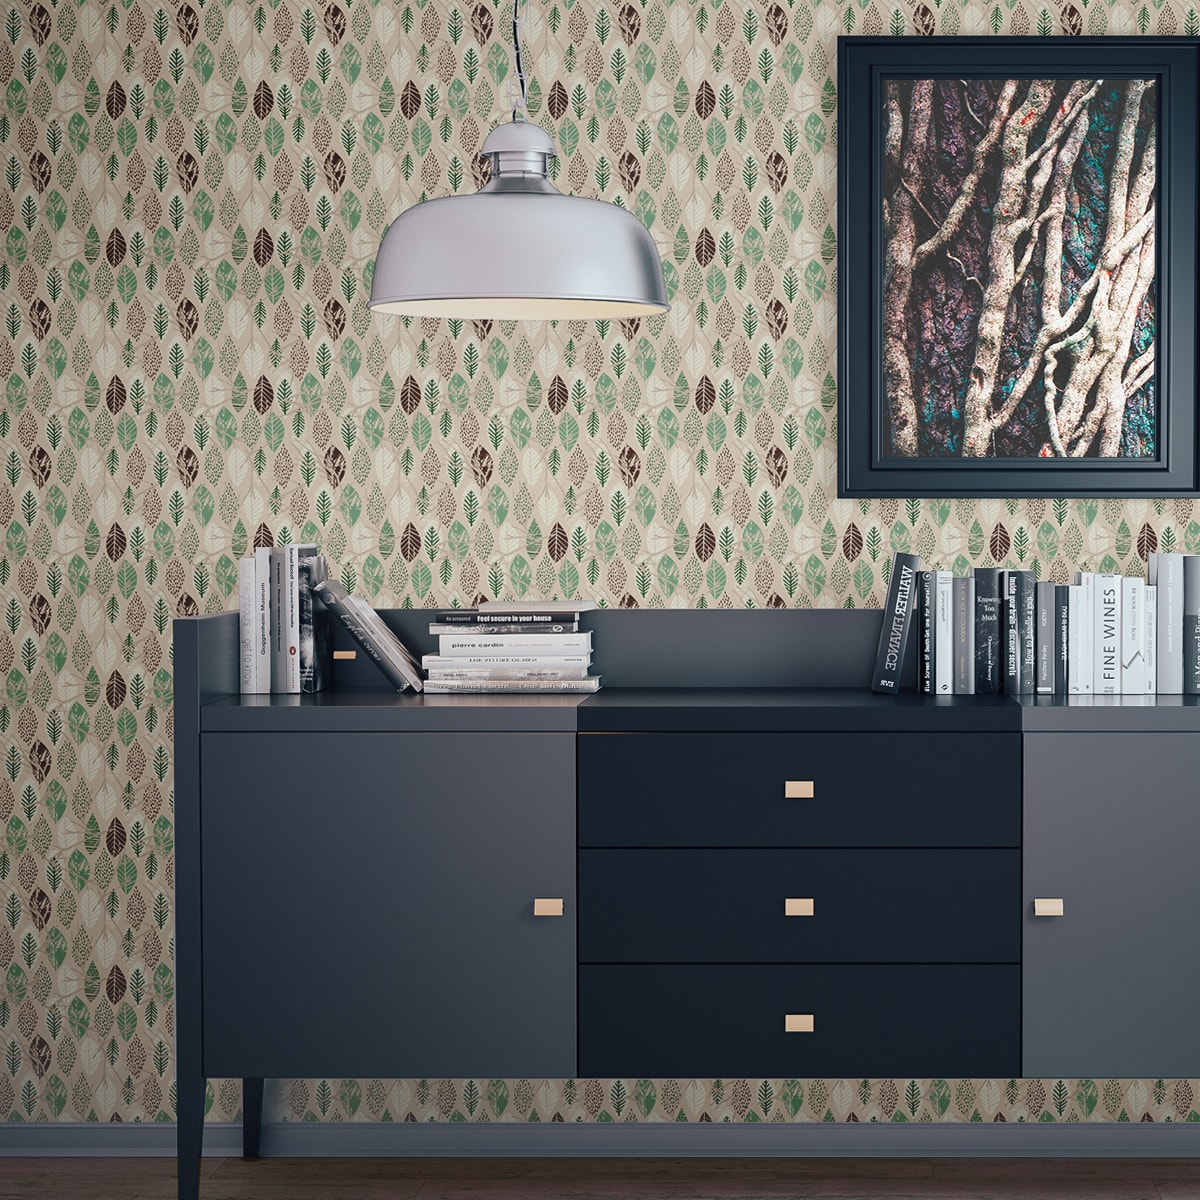 """Tapete Wohnzimmer creme: Moderne Design Tapete """"Im Blätterwald"""" in beige Wandgestaltung Wohnzimmer"""